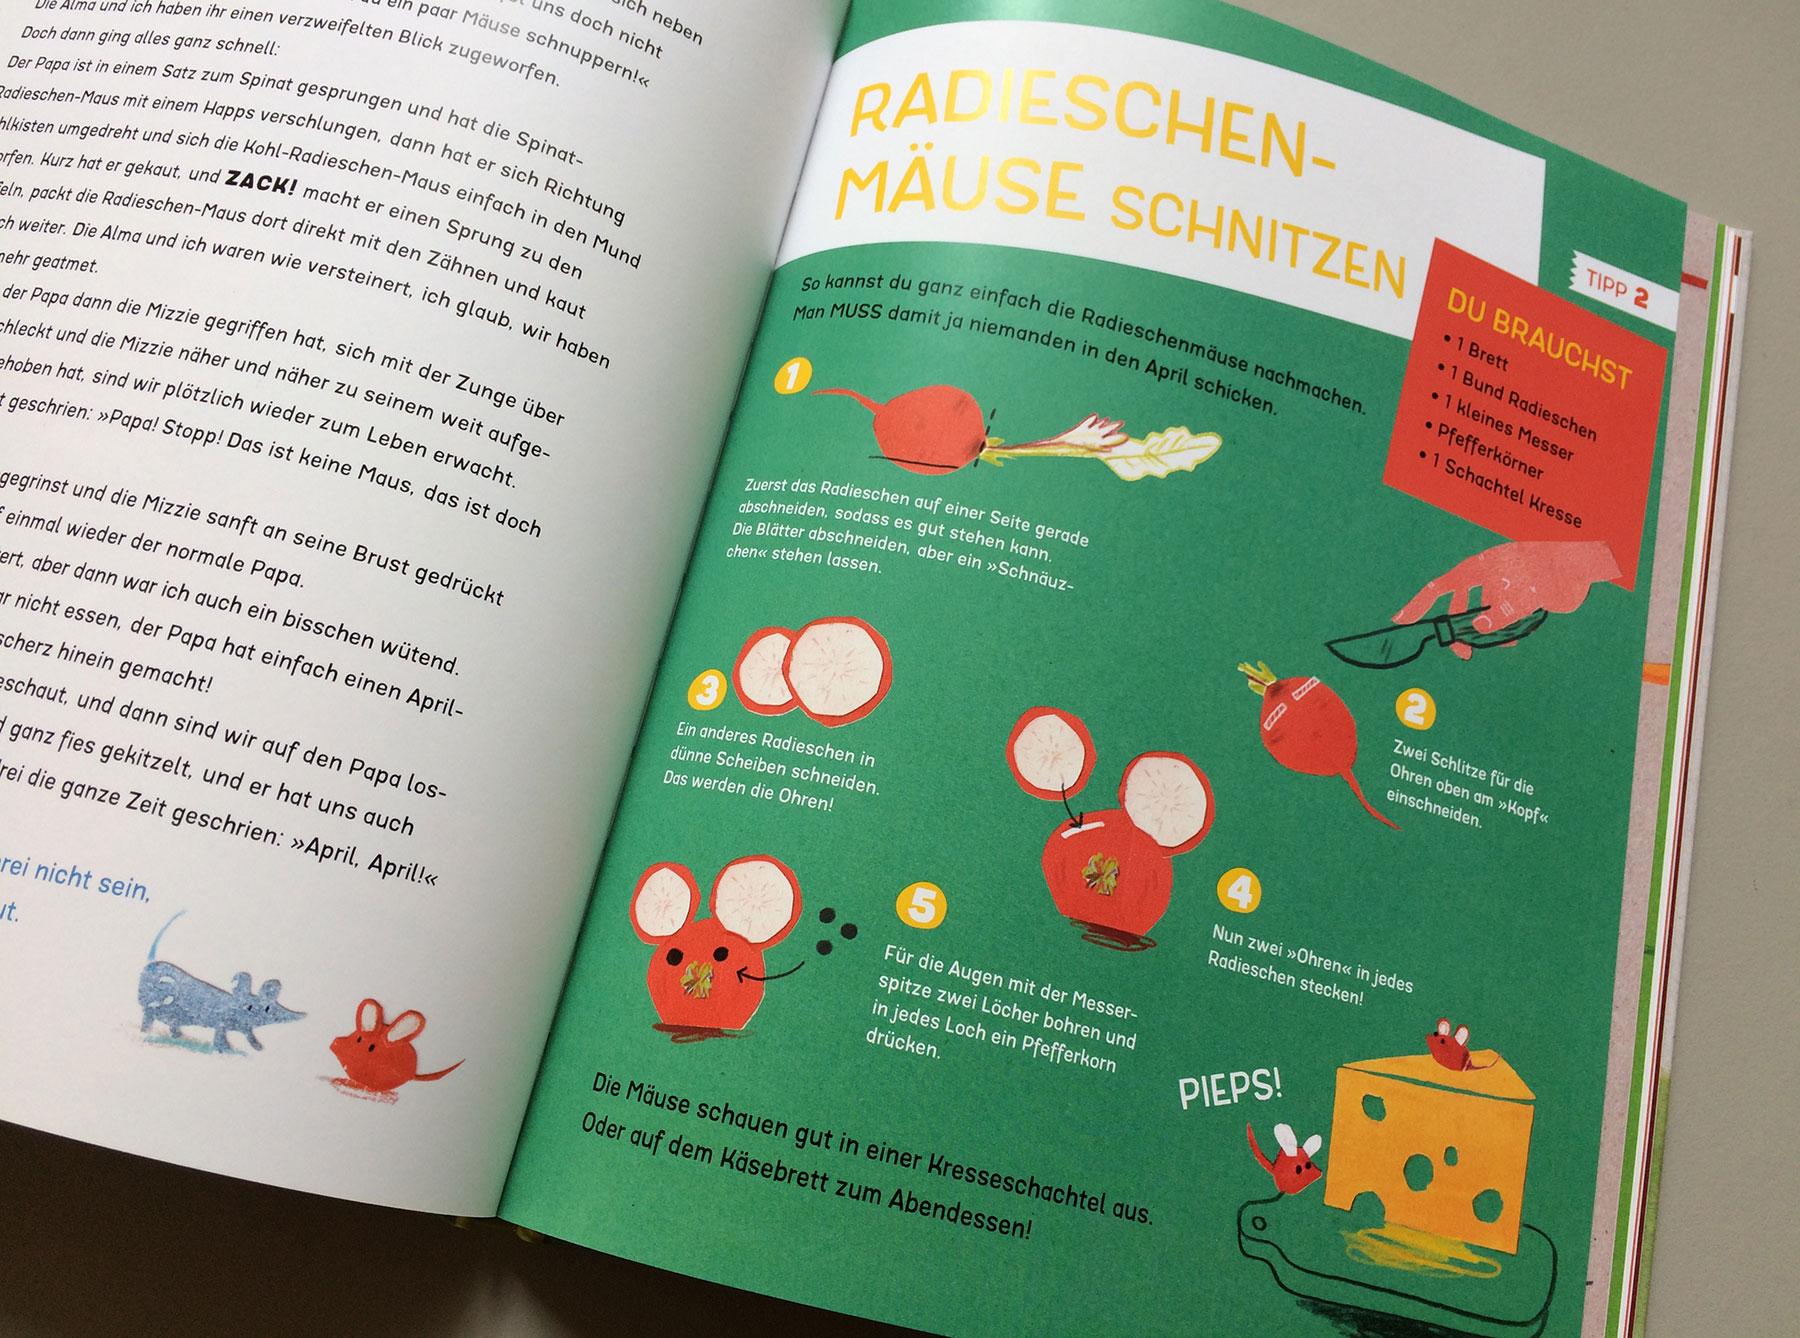 """Detail des Buchs """"Radieschenmaus und Kuschelgurke"""" Anleitung zum Radieschenmaus schnitzen"""